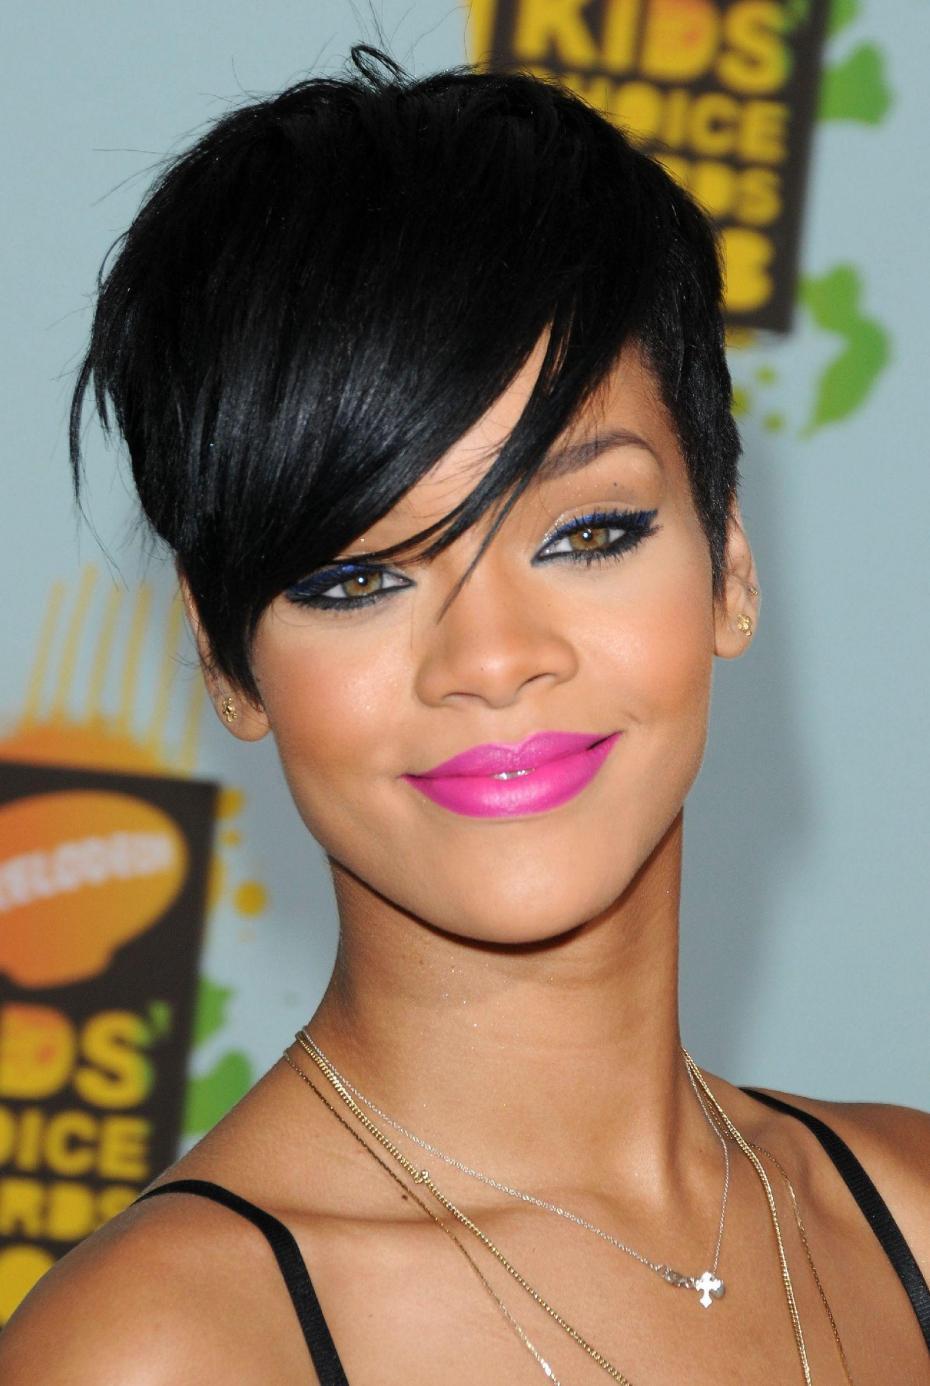 Rihanna Featuring A Pixie Haircut Women Hairstyles